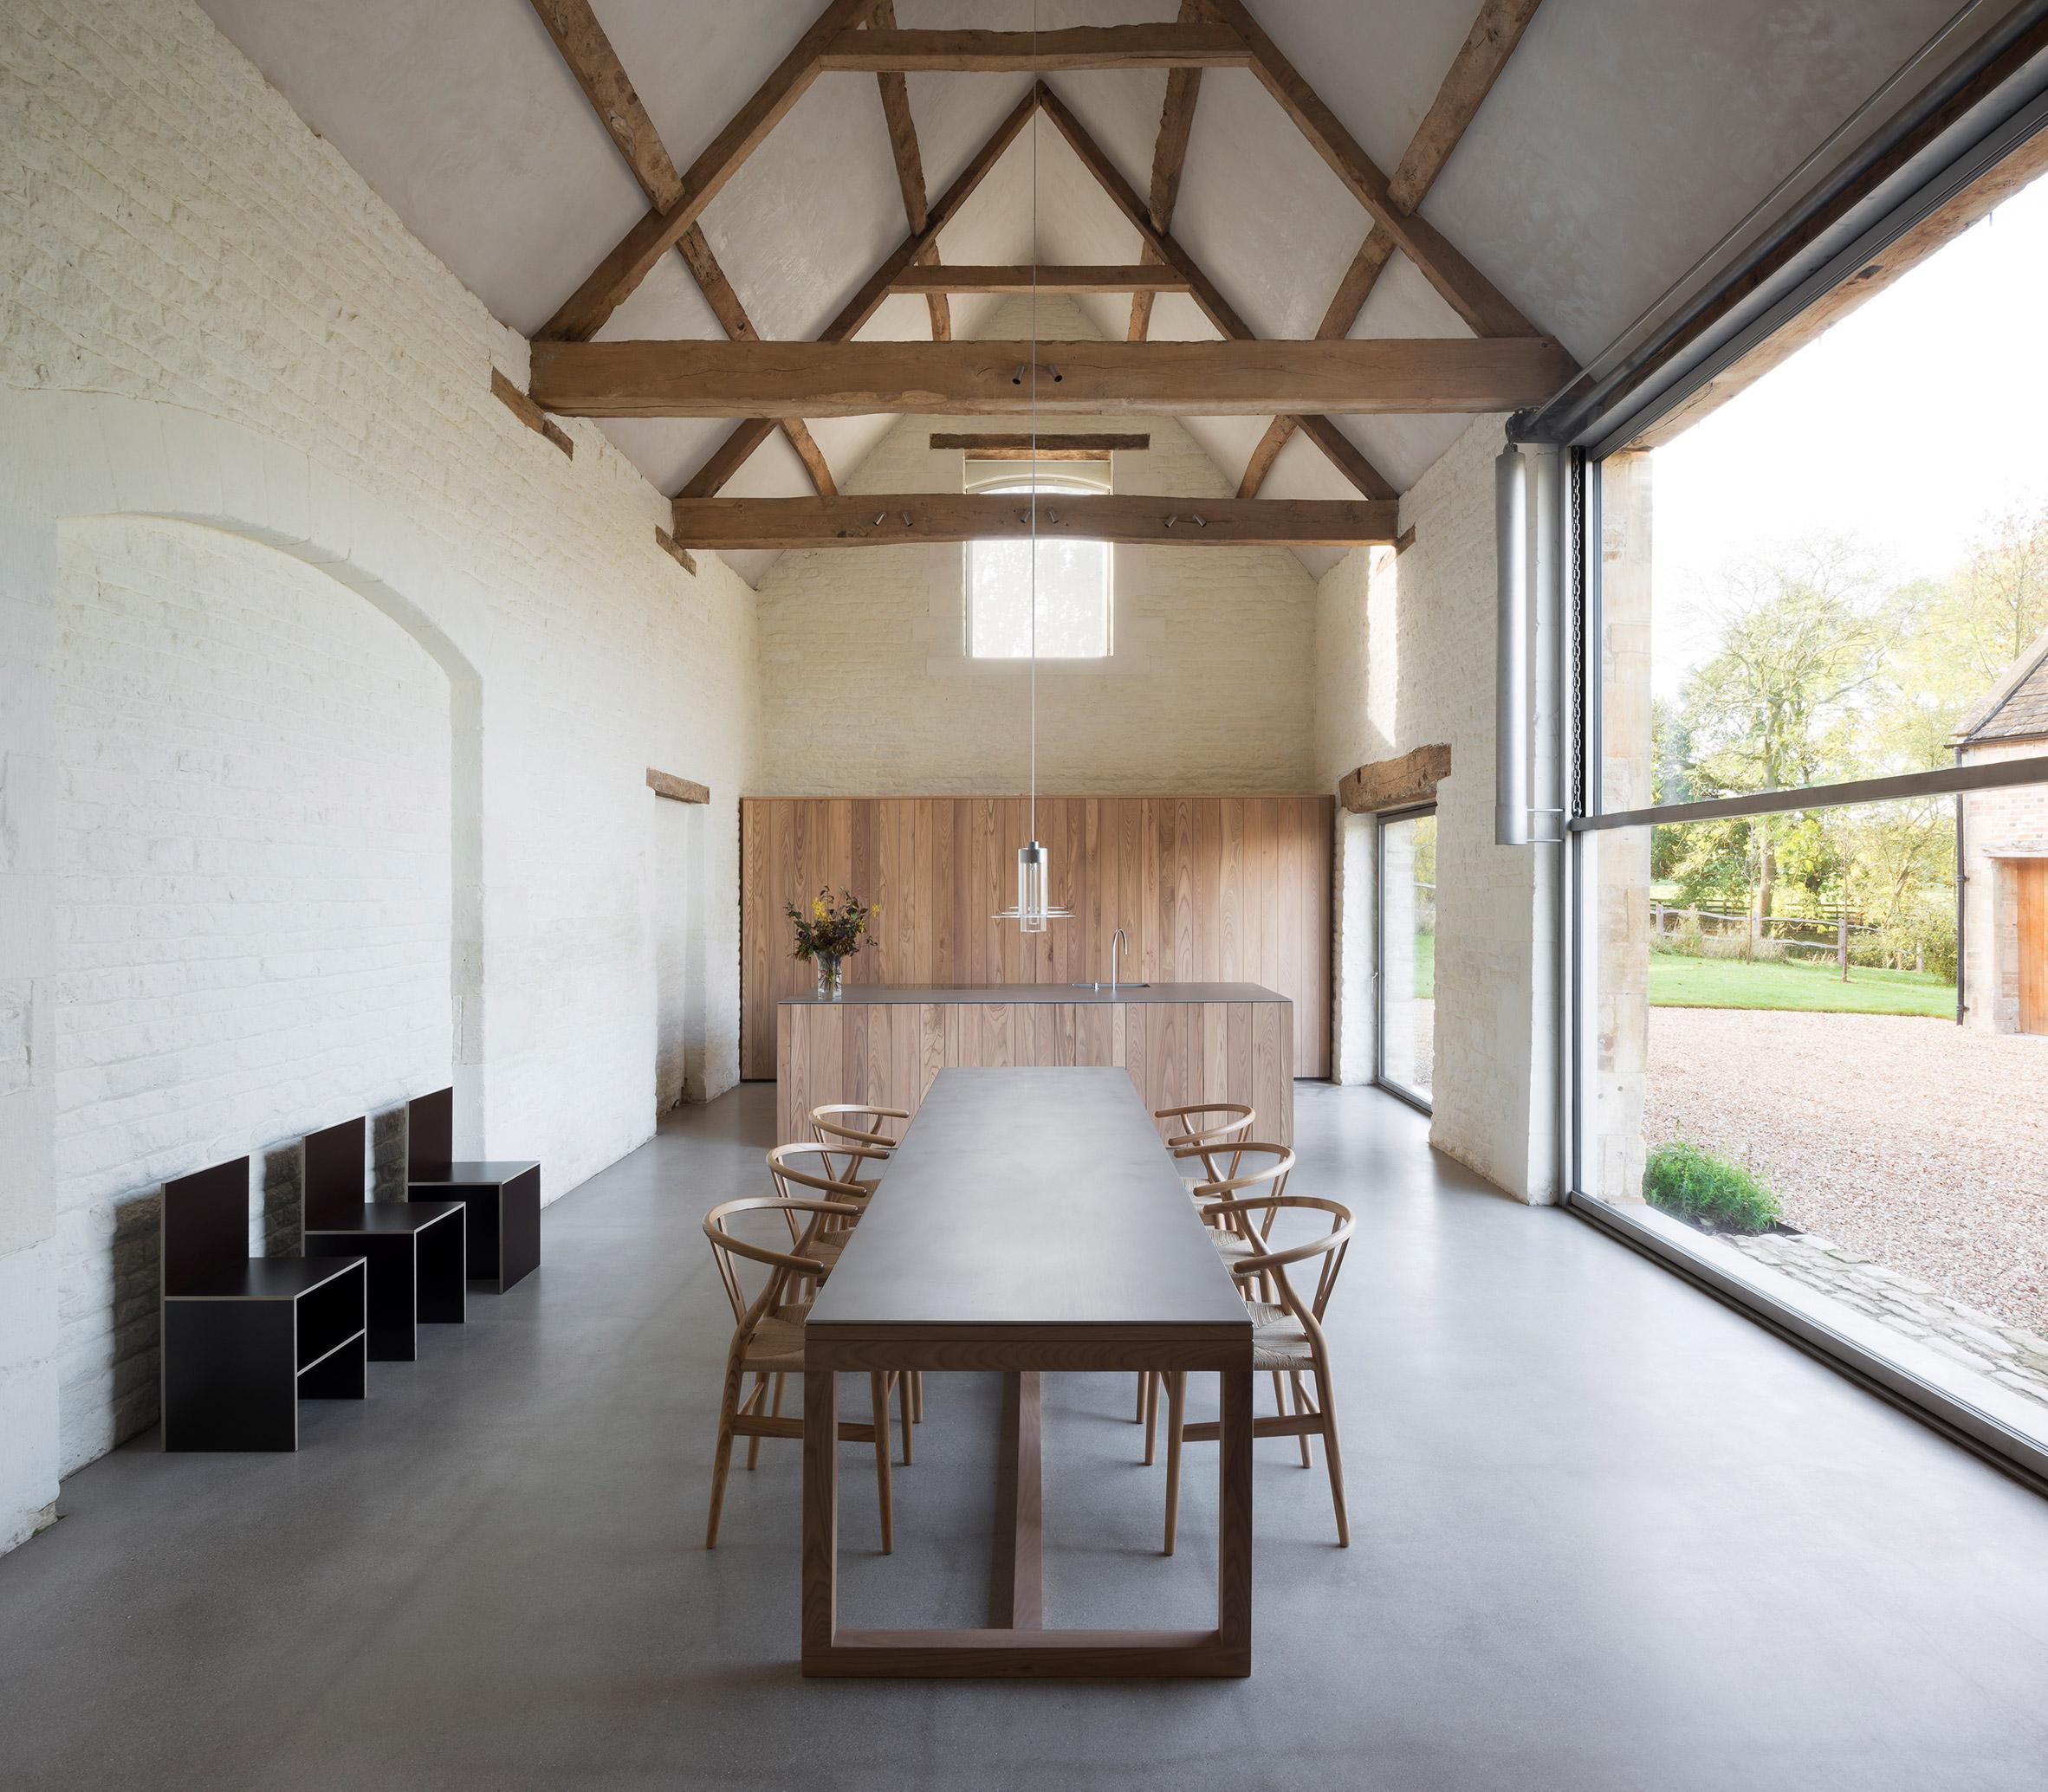 Home Farm by John Pawson